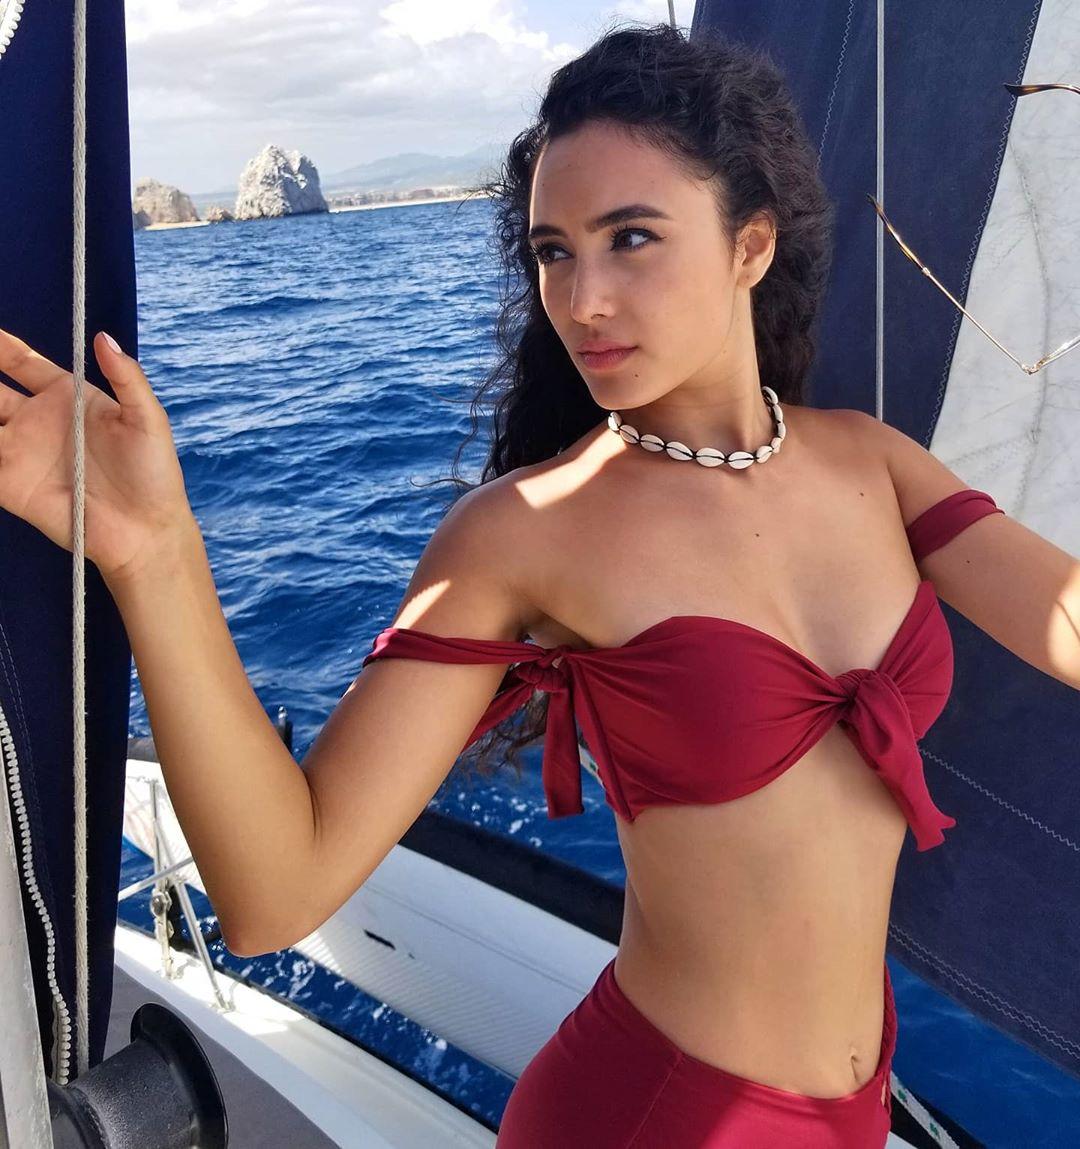 karolina vidales, candidata a miss mexico 2020, representando michoacan. - Página 2 91296910